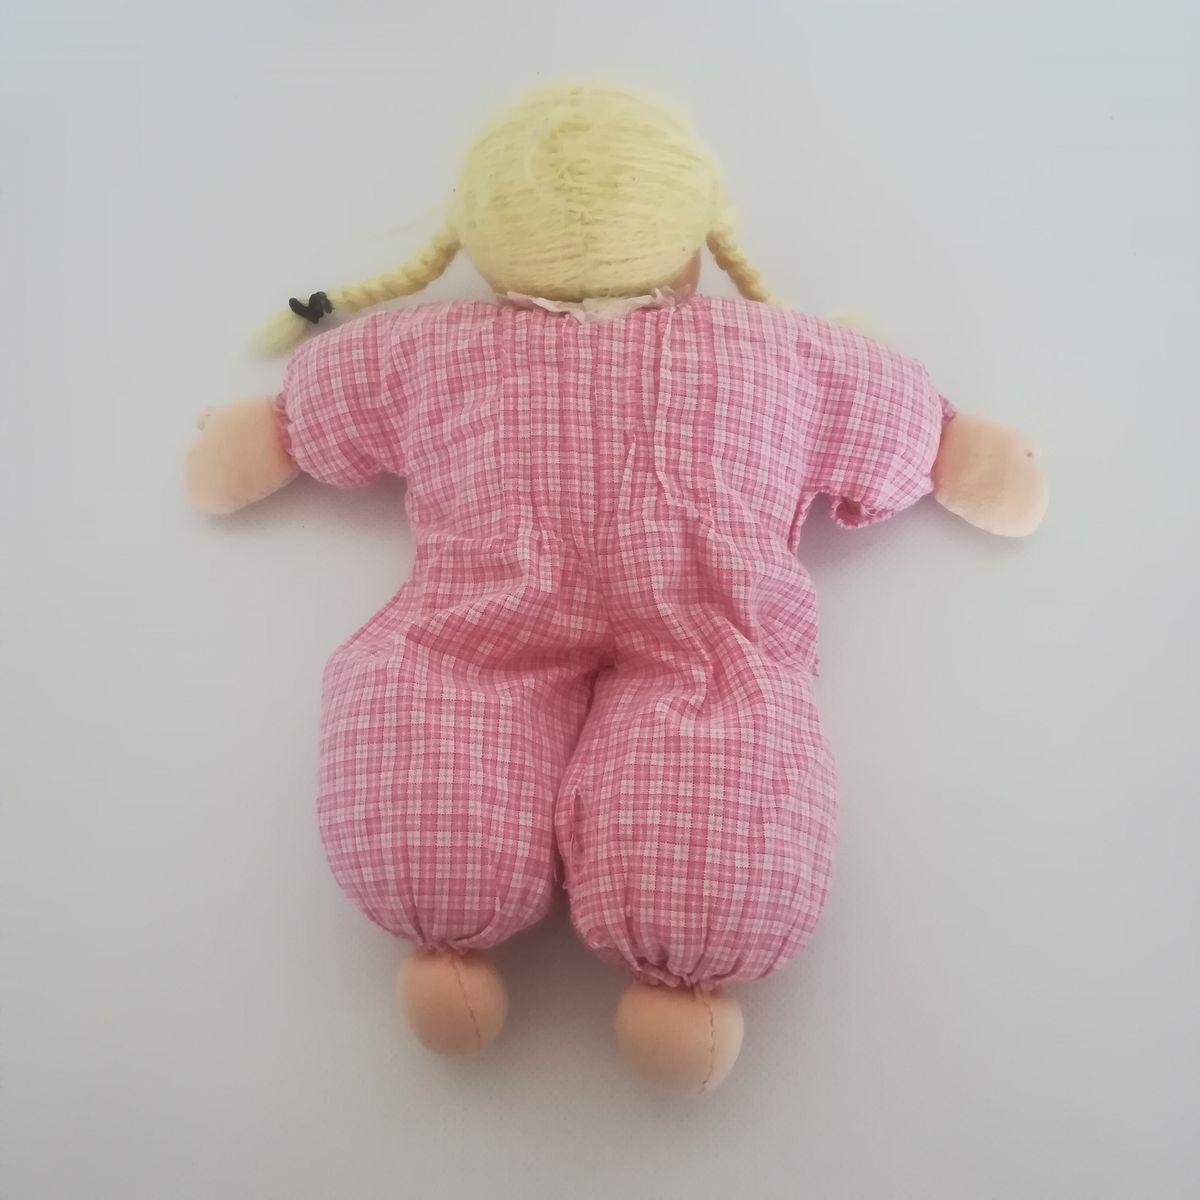 ... Kézműves Waldorf baba szőke hajjal rózsaszín ruhában 3a847e5c2b